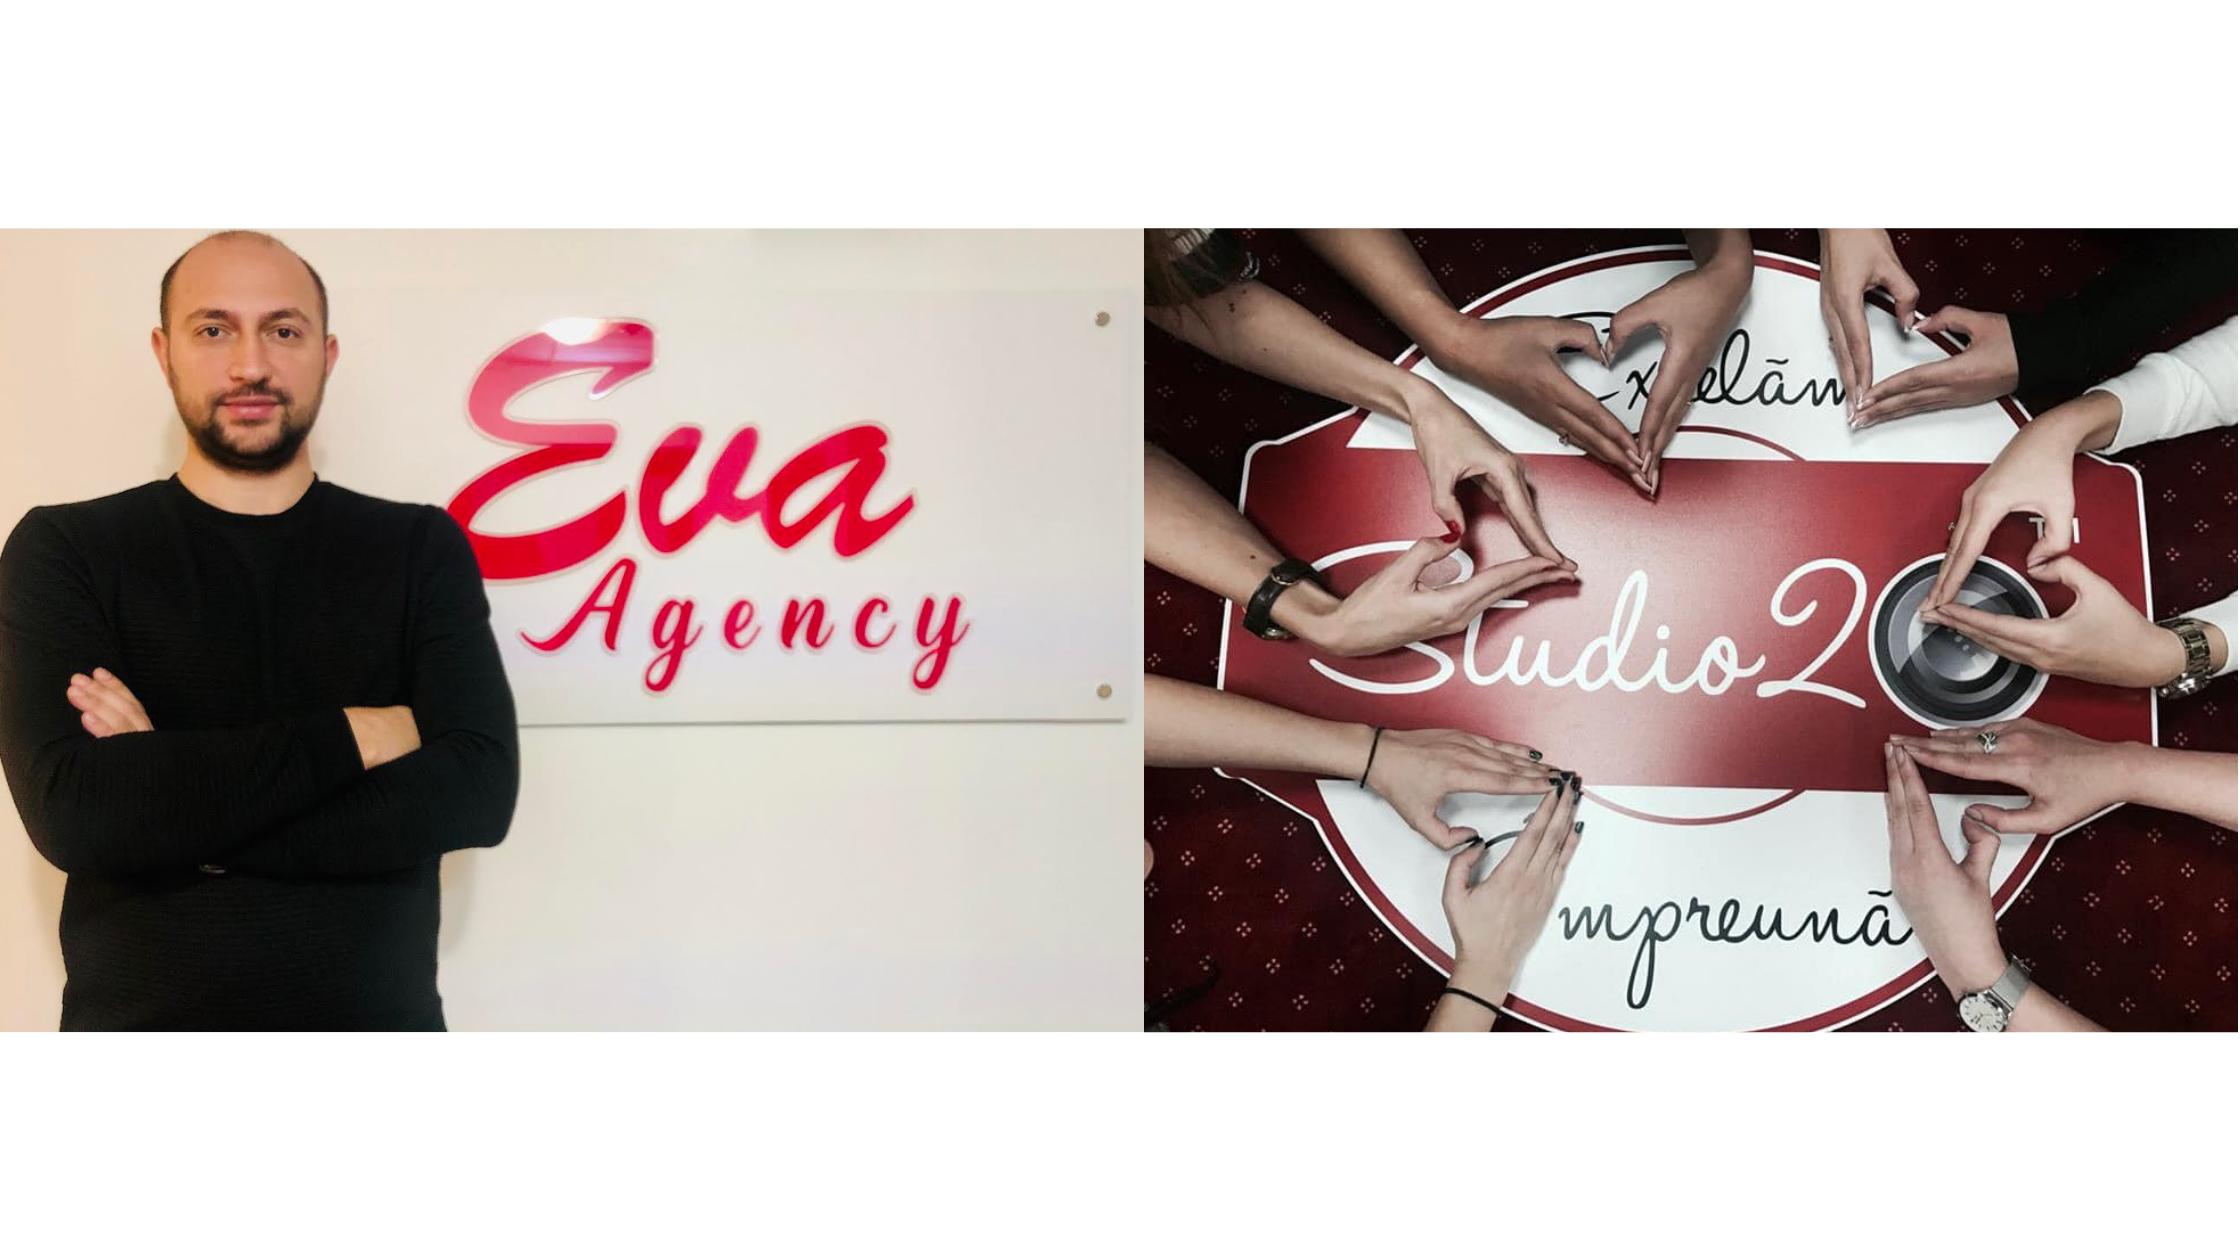 Studio20 primeste un nou membru sub umbrela de studiouri de succes: Eva Agency